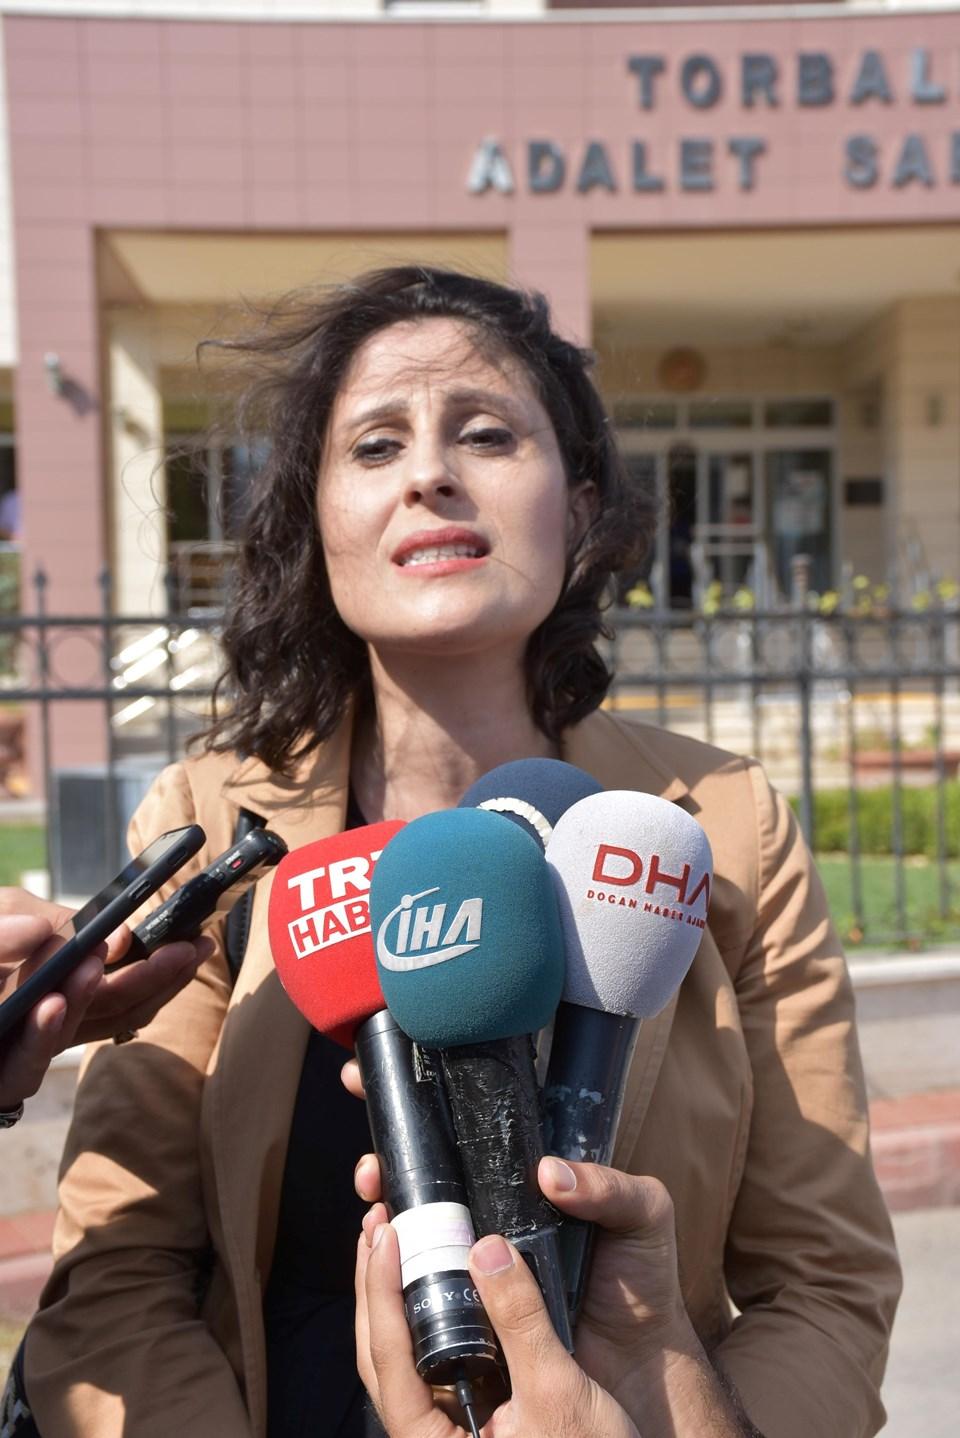 Ailenin avukatı Burcu Ece Güler açıklama yaptı.